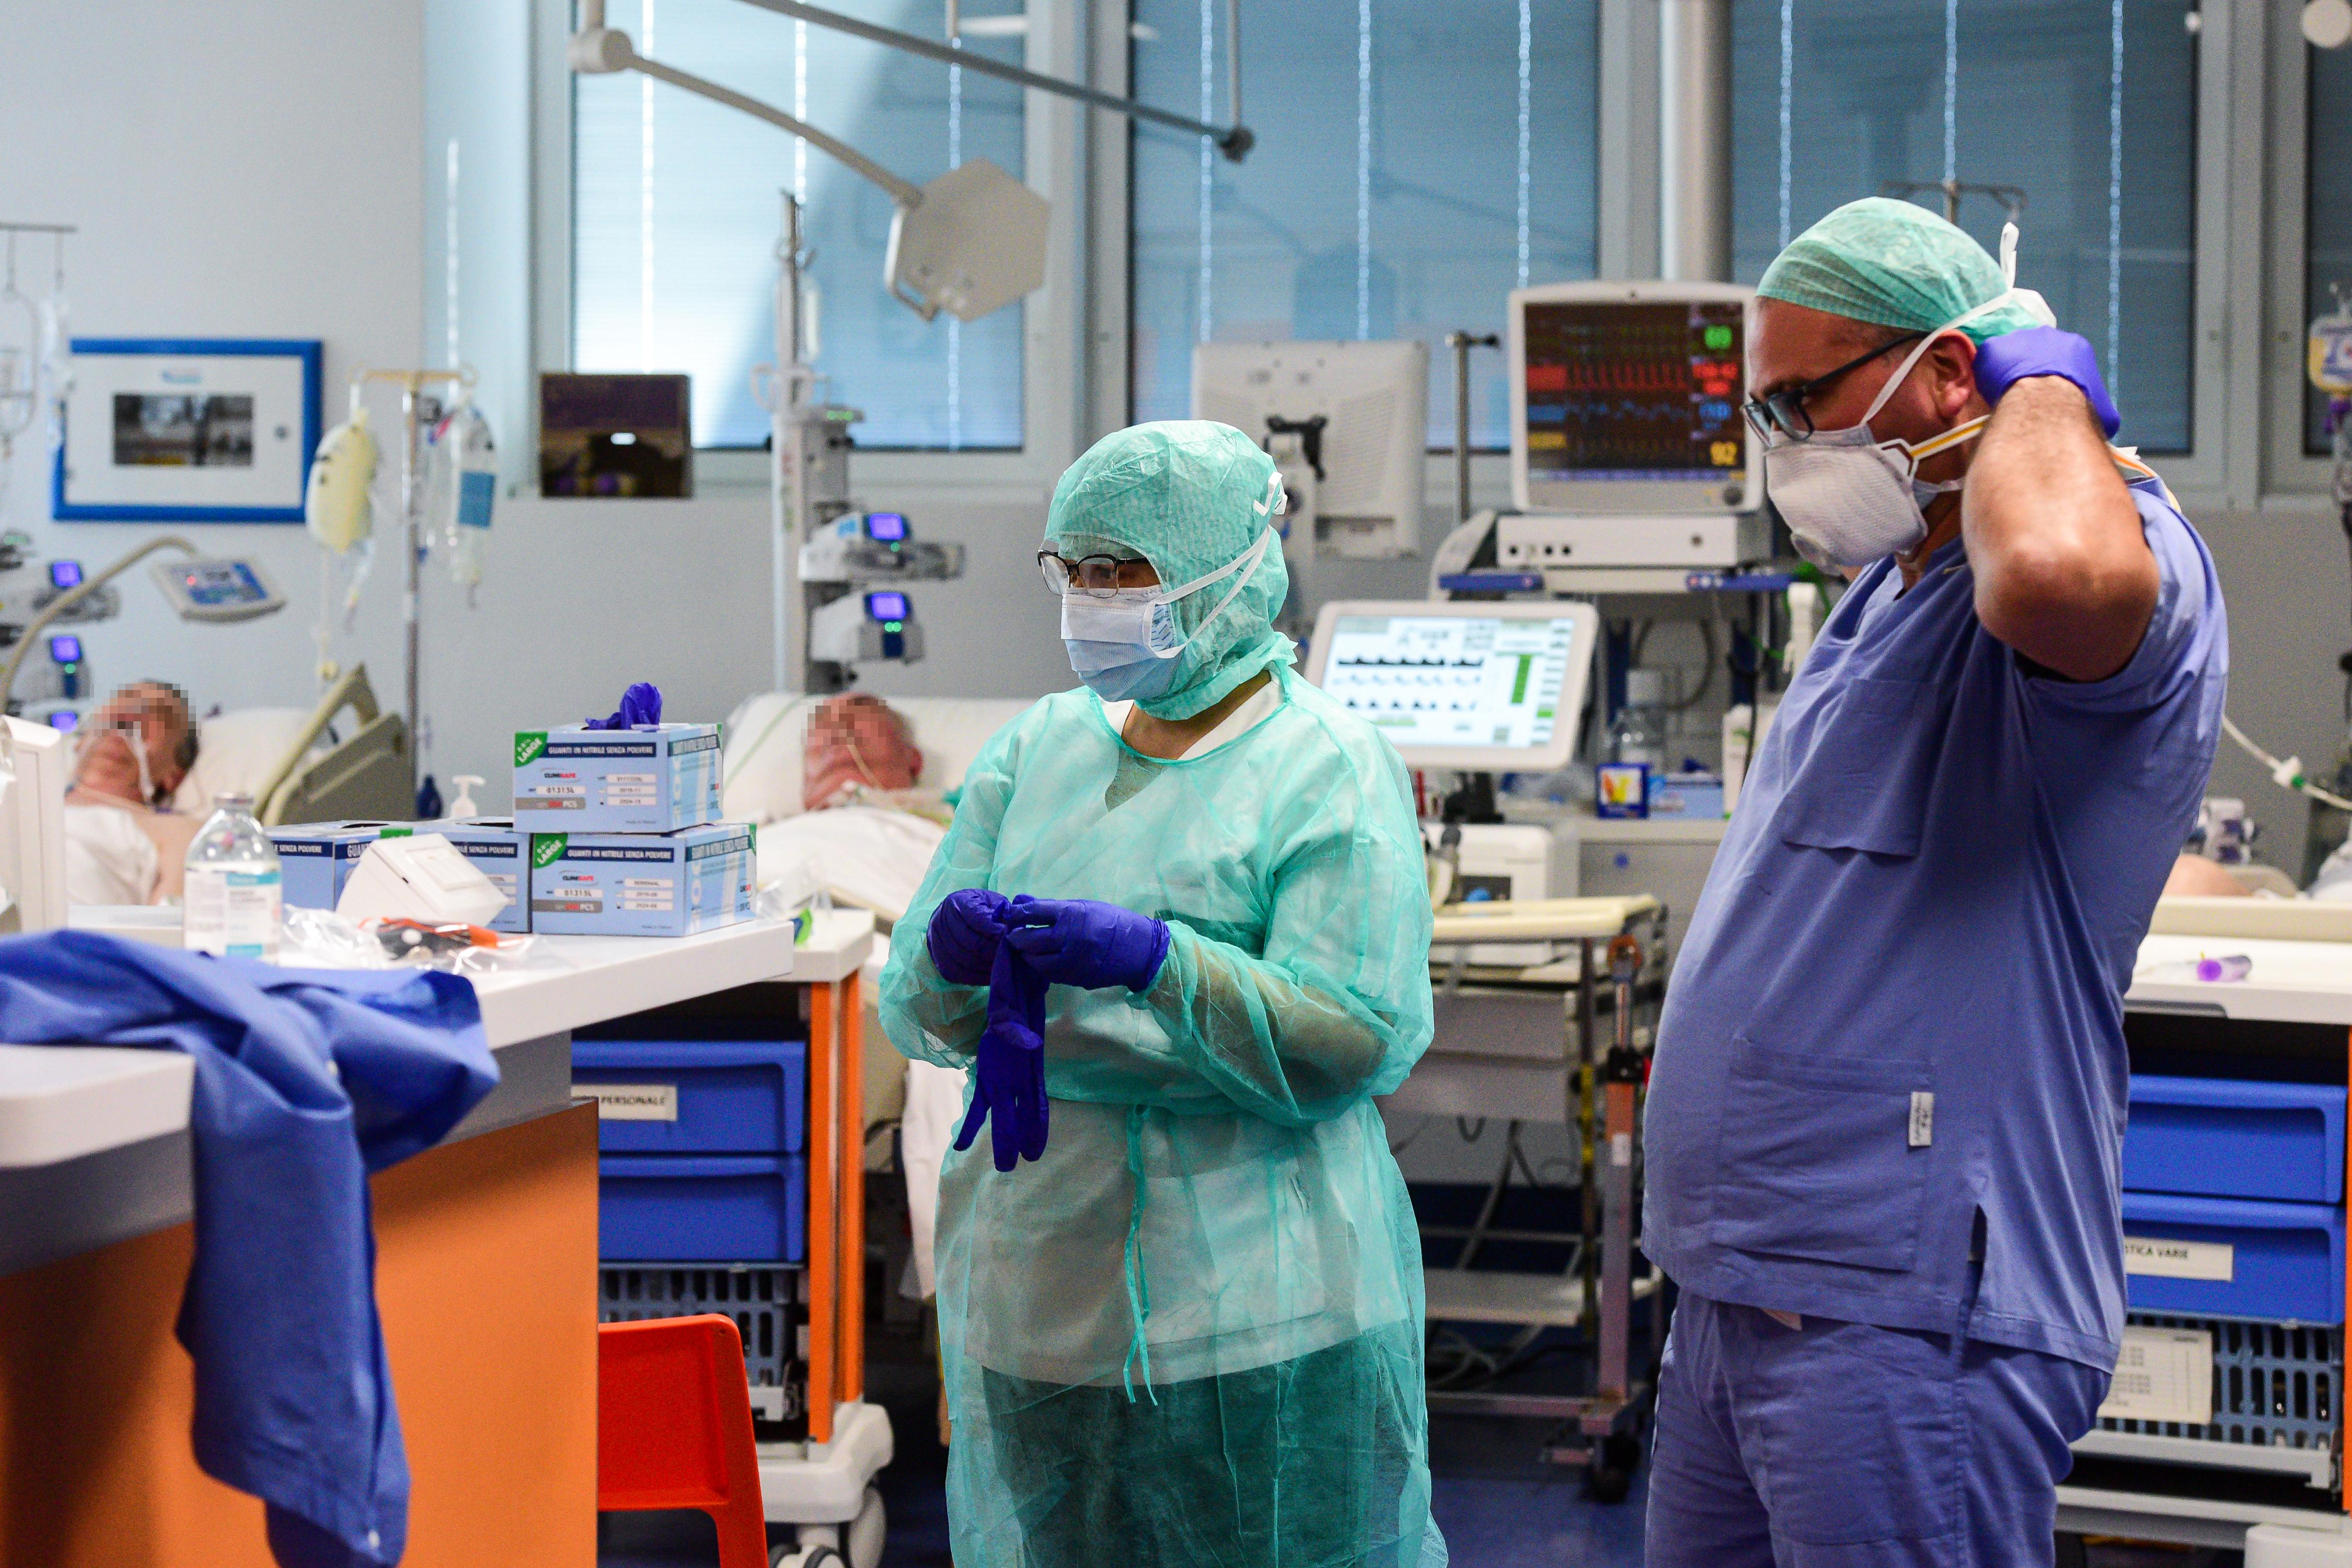 Csaknem kétszáz lélegeztetőgép érkezik hamarosan Kínából